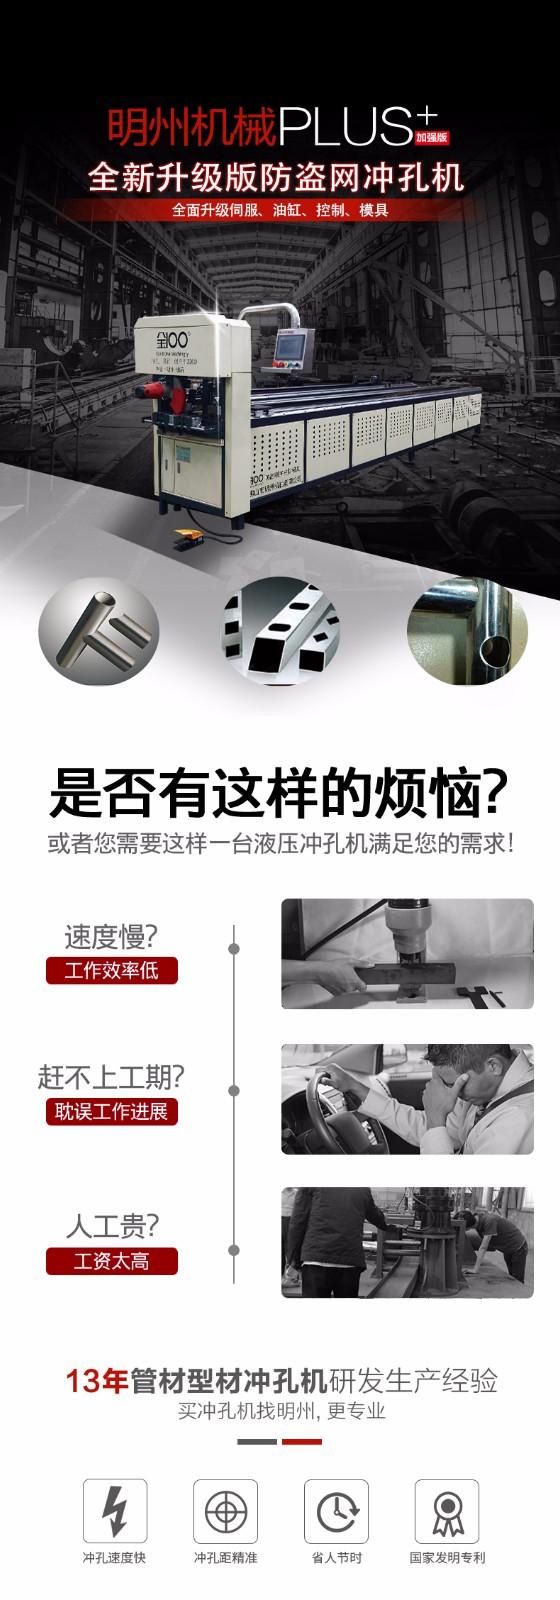 防盗网专用冲切一体机_01.jpg